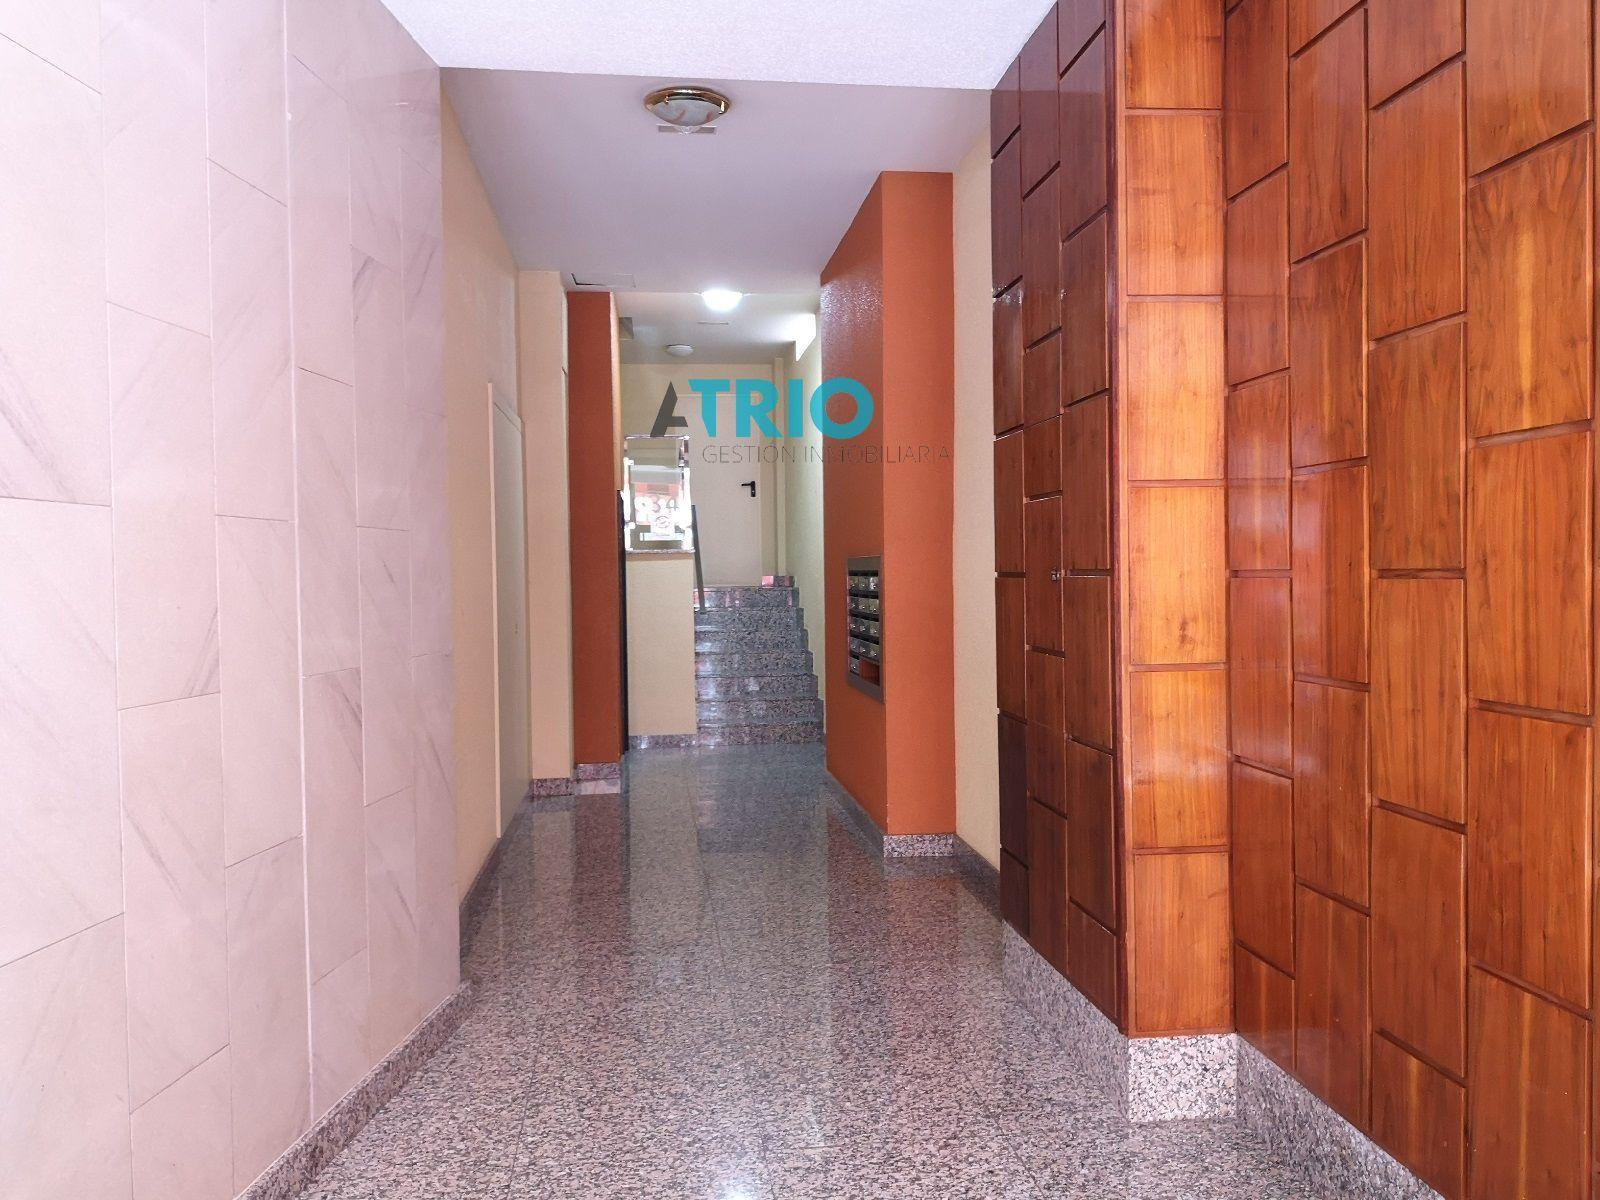 dia.mobiliagestion.es/Portals/inmoatrio/Images/5966/5558989